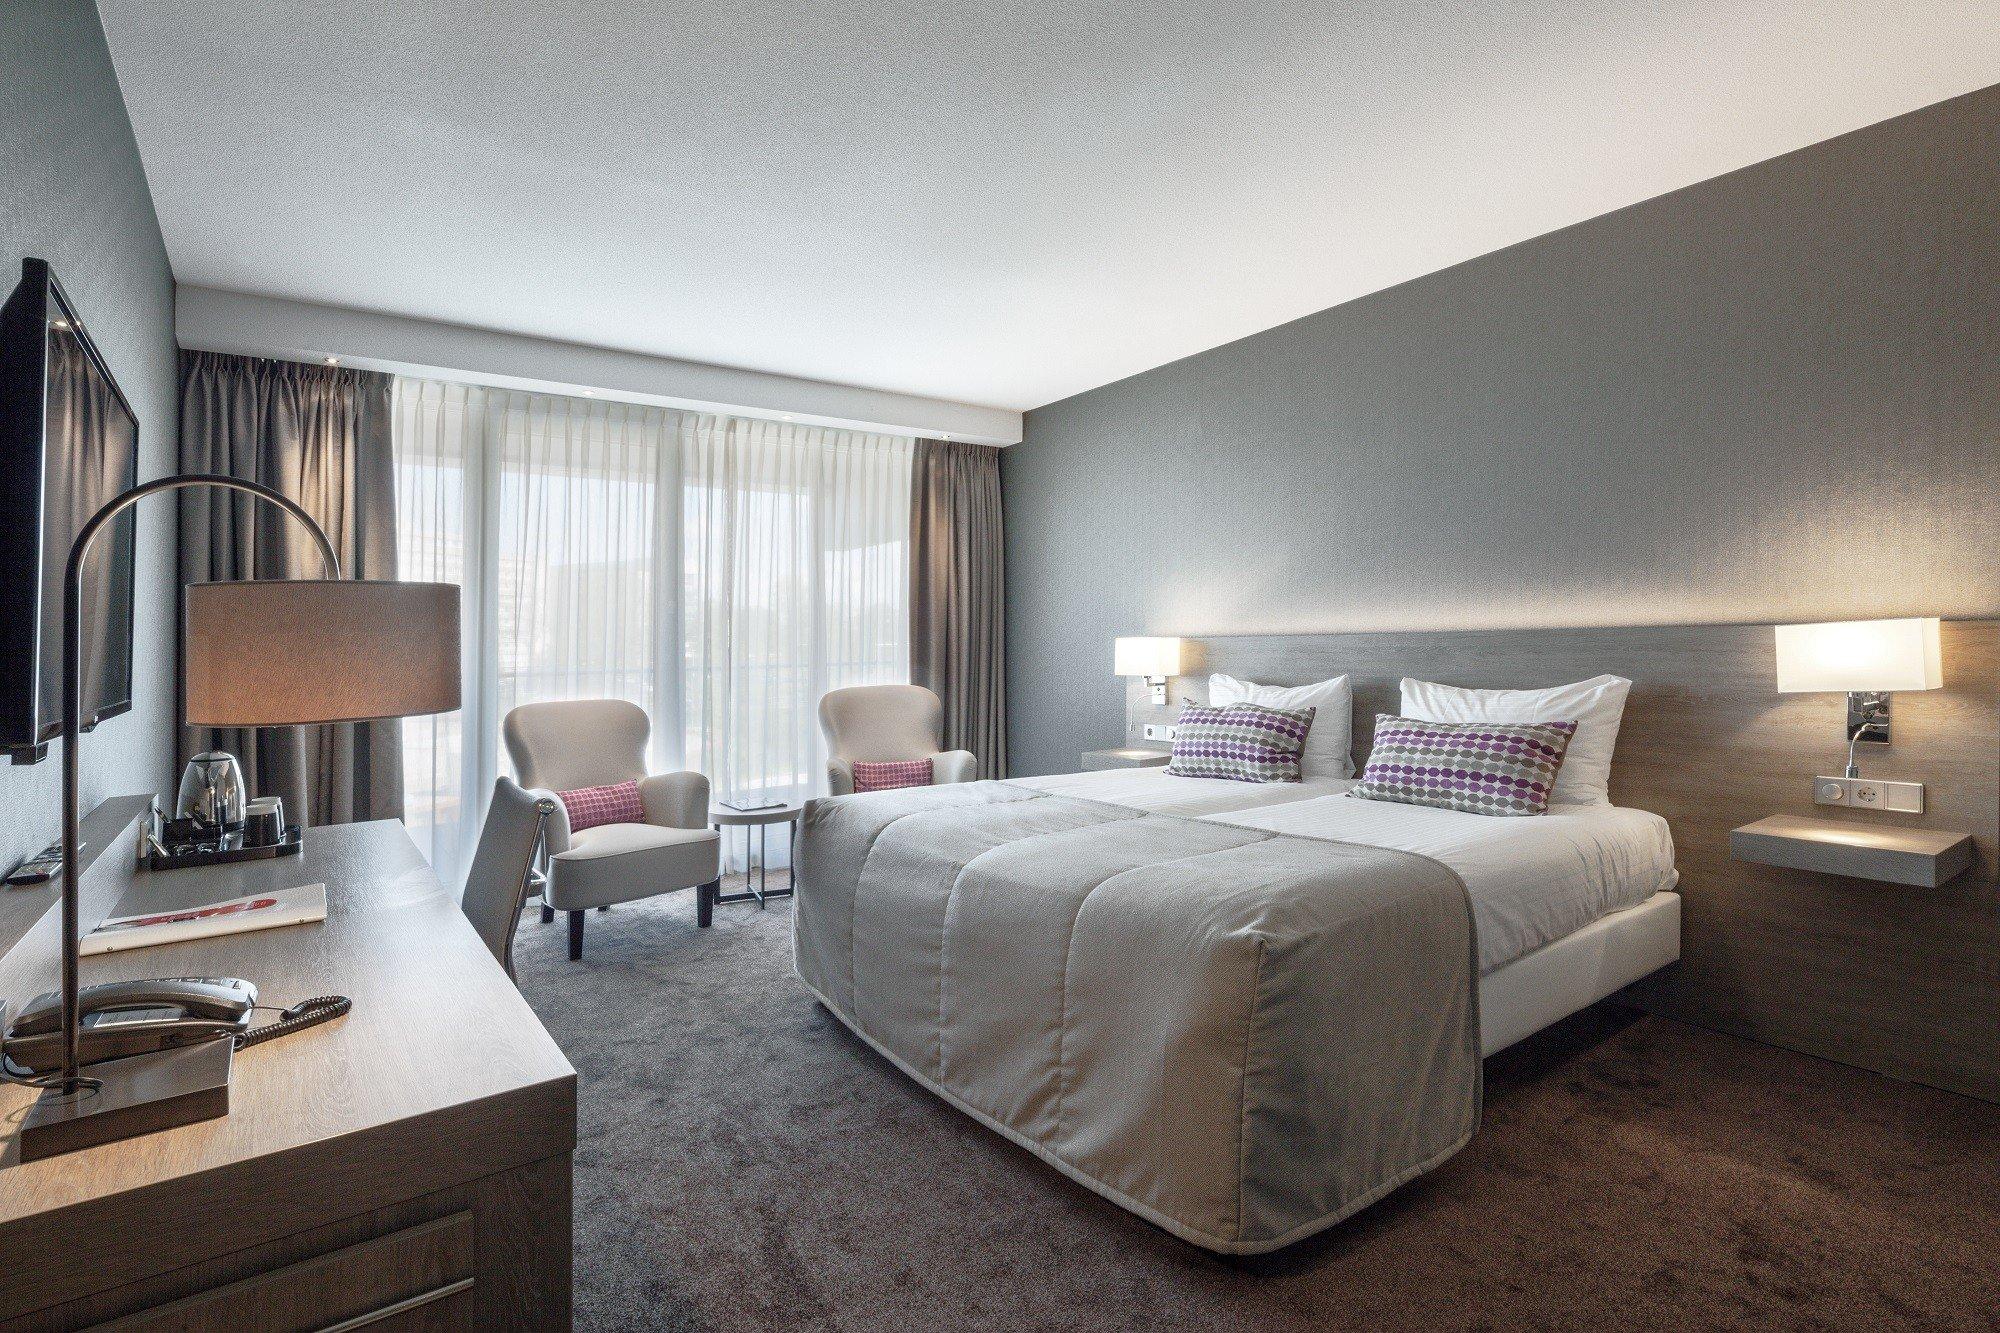 Dagaanbieding - 4 dagen in luxe 4*-Van der Valk hotel Haarlem nabij het strand dagelijkse koopjes